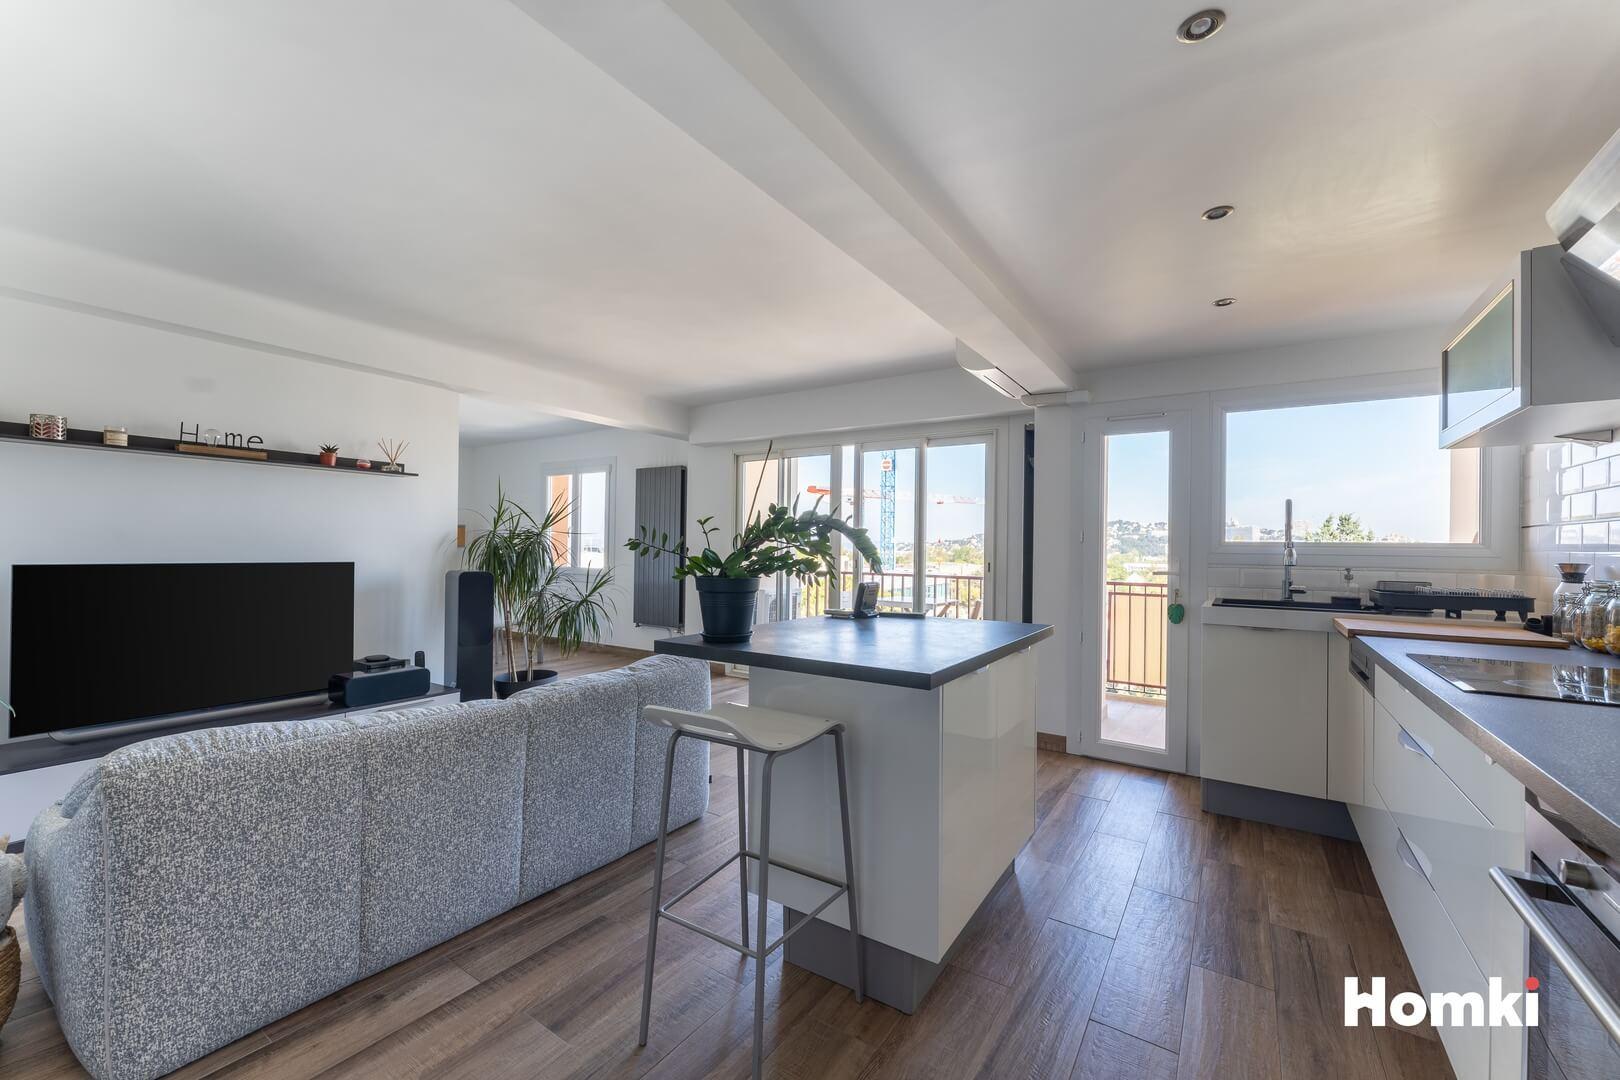 Homki - Vente Appartement  de 72.0 m² à Marseille 13008